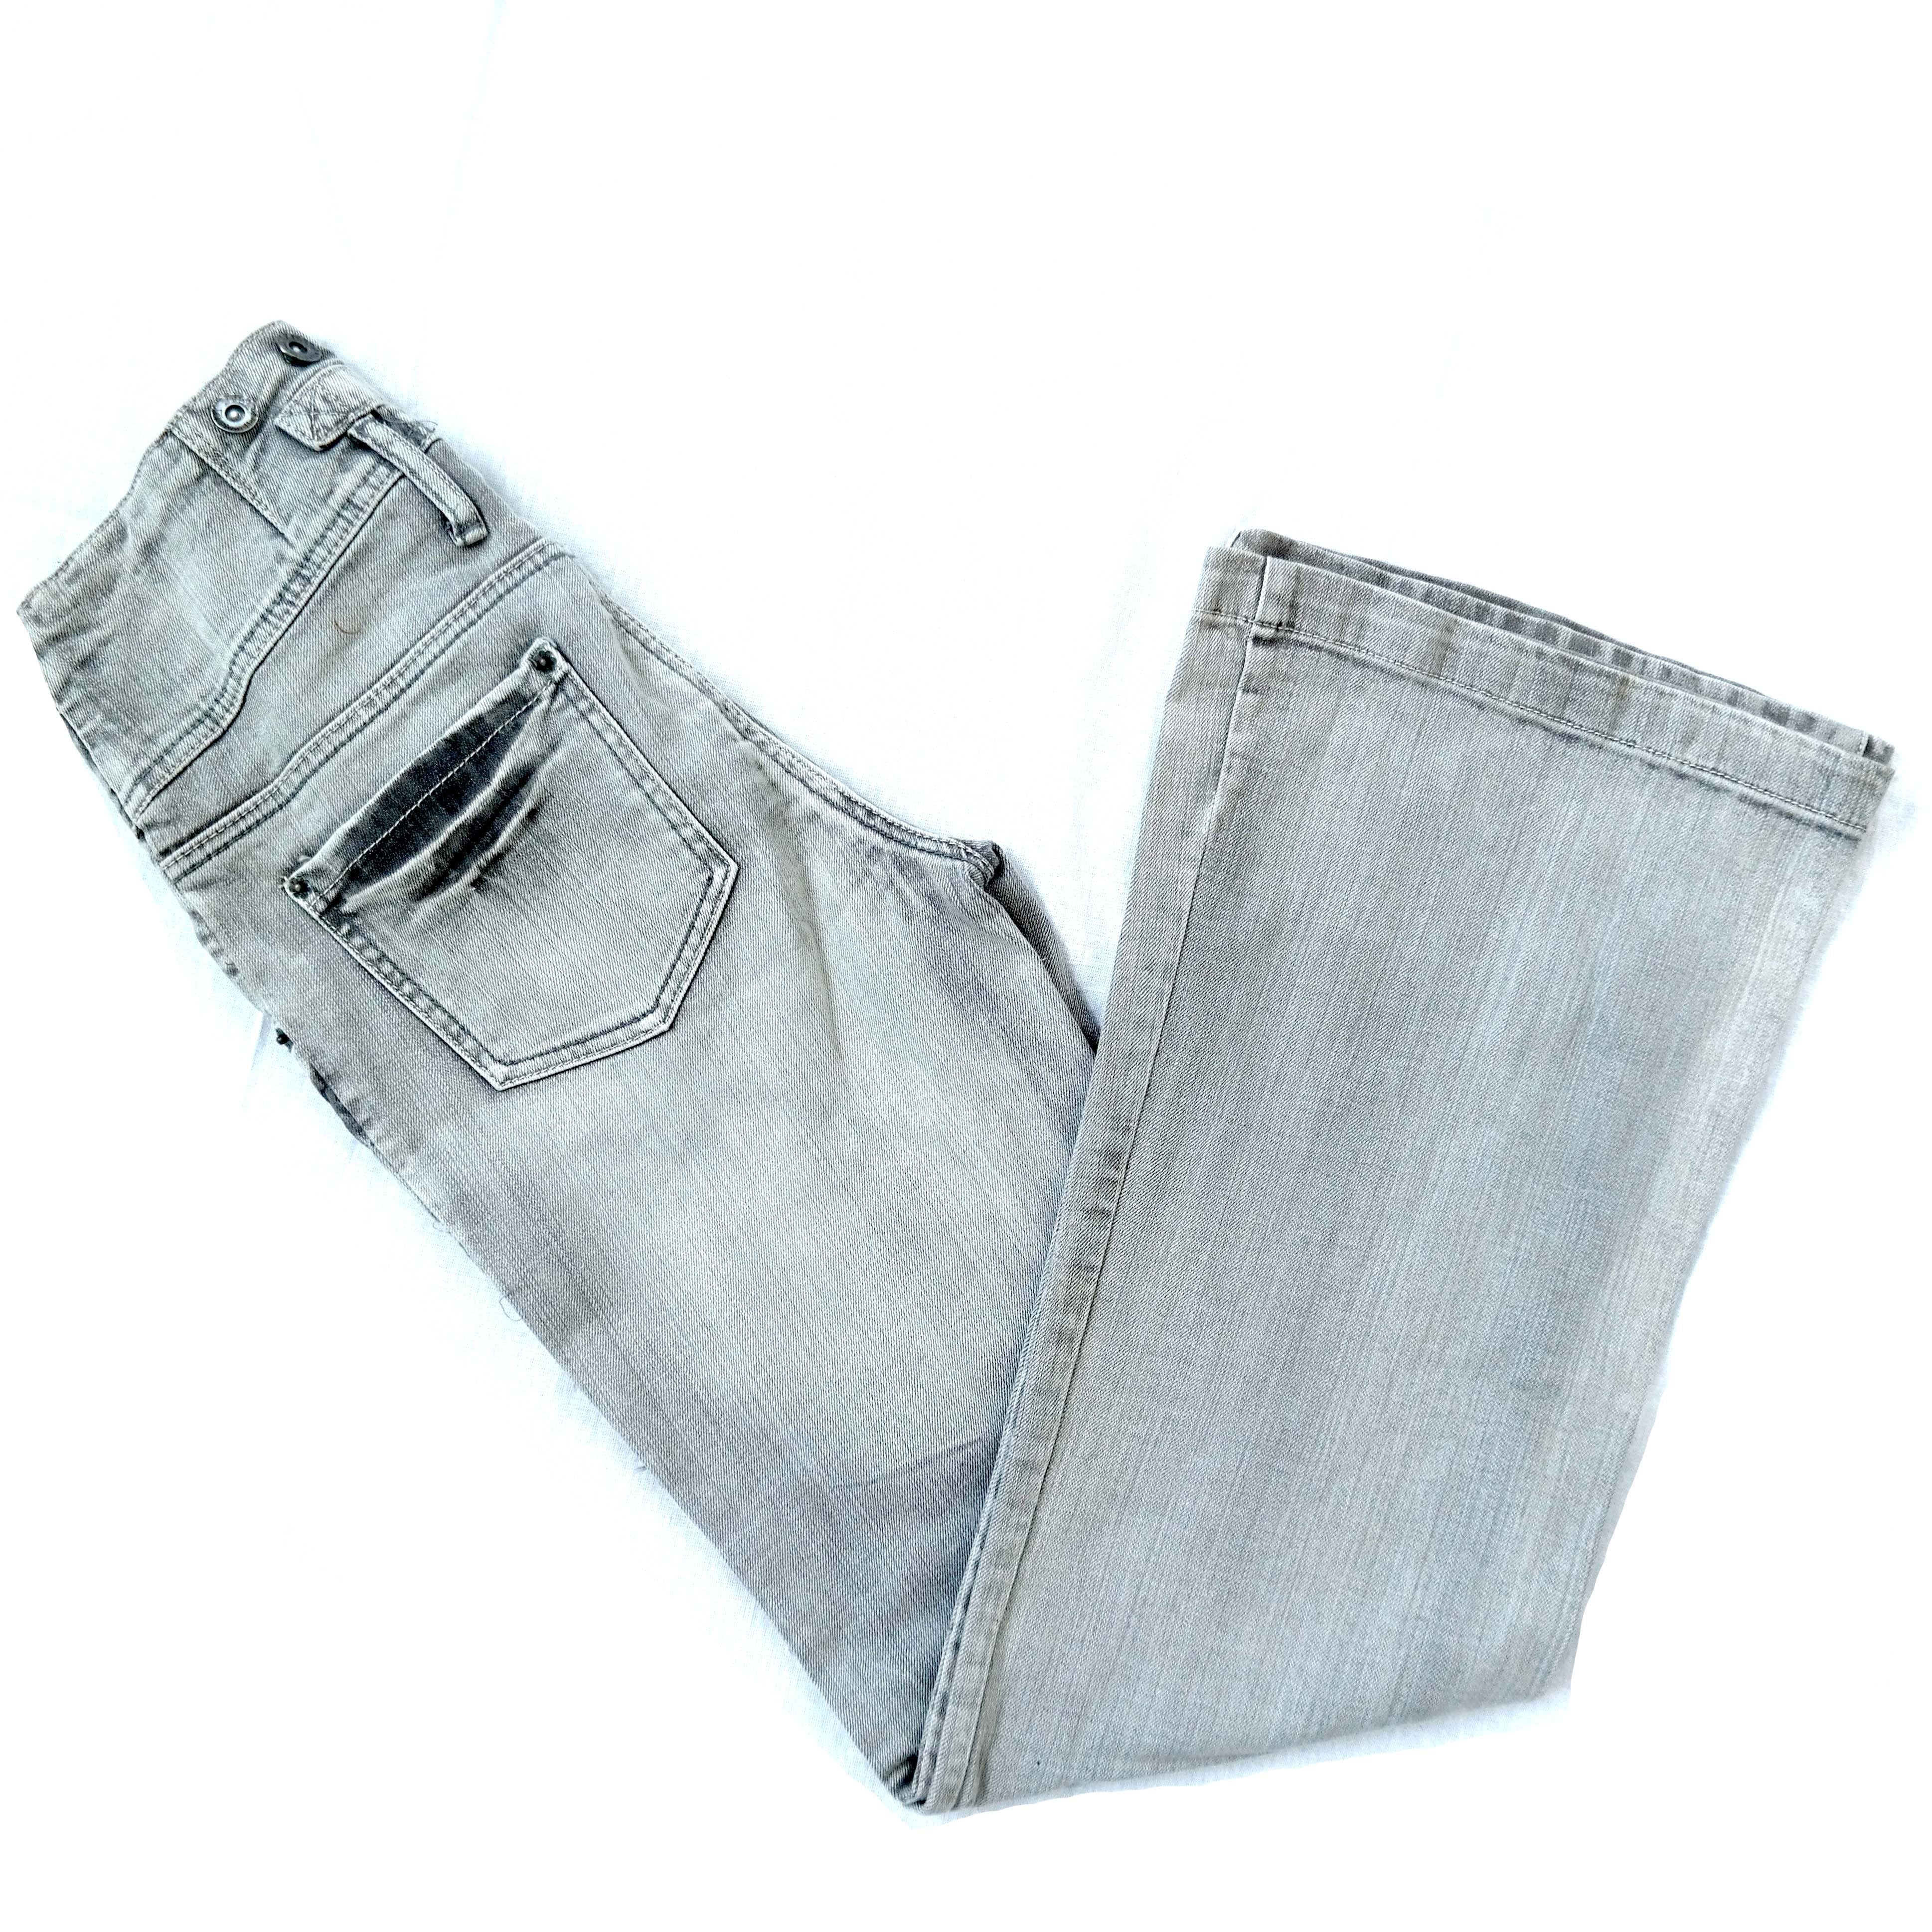 Женские джинсы-клеш в Самаре